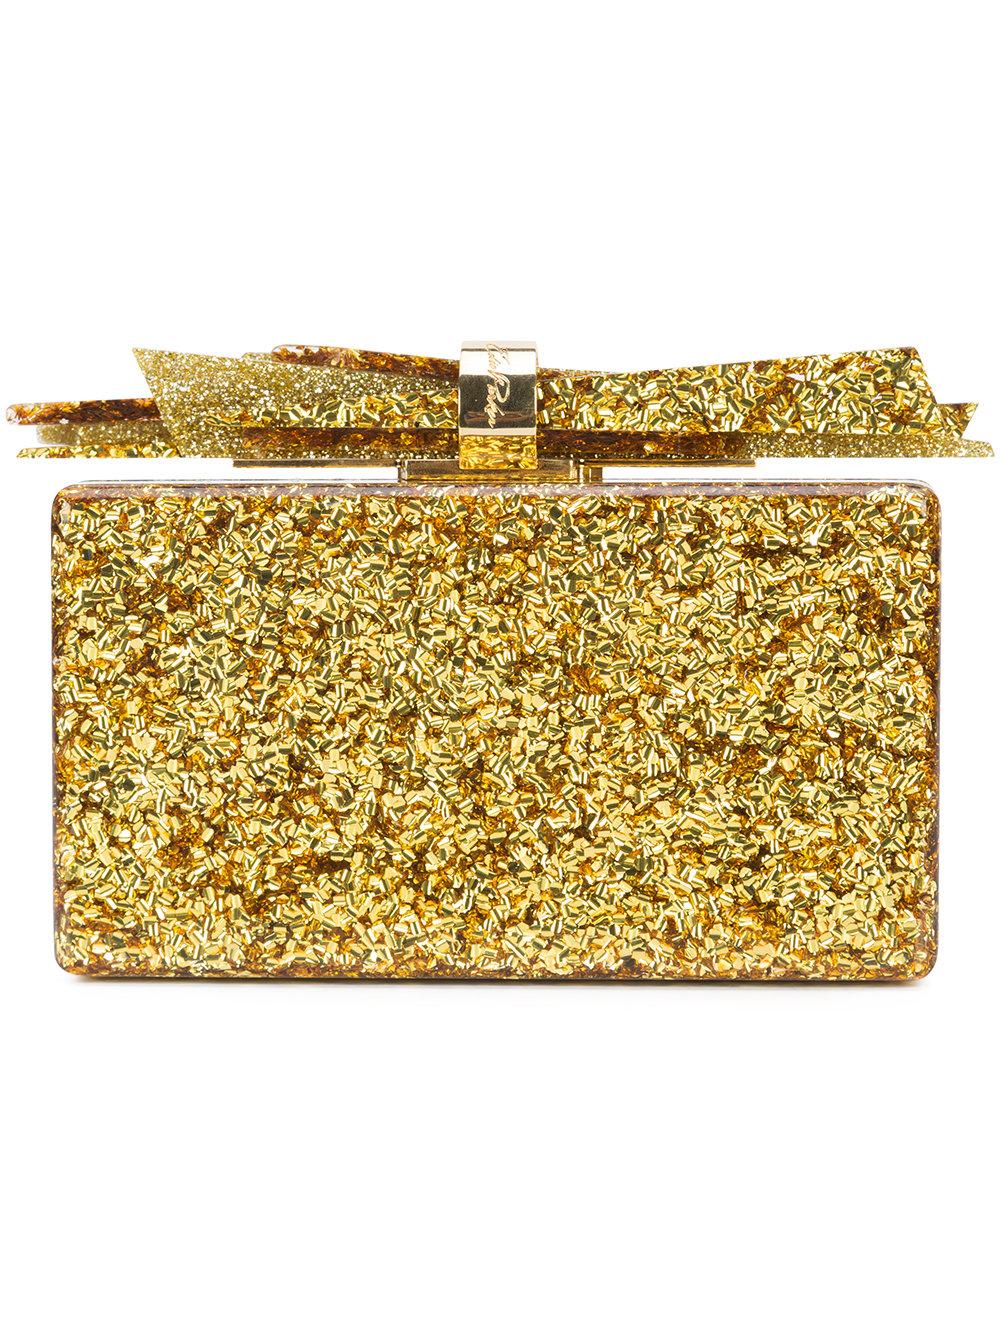 EDIE PARKER clutch - $1,495